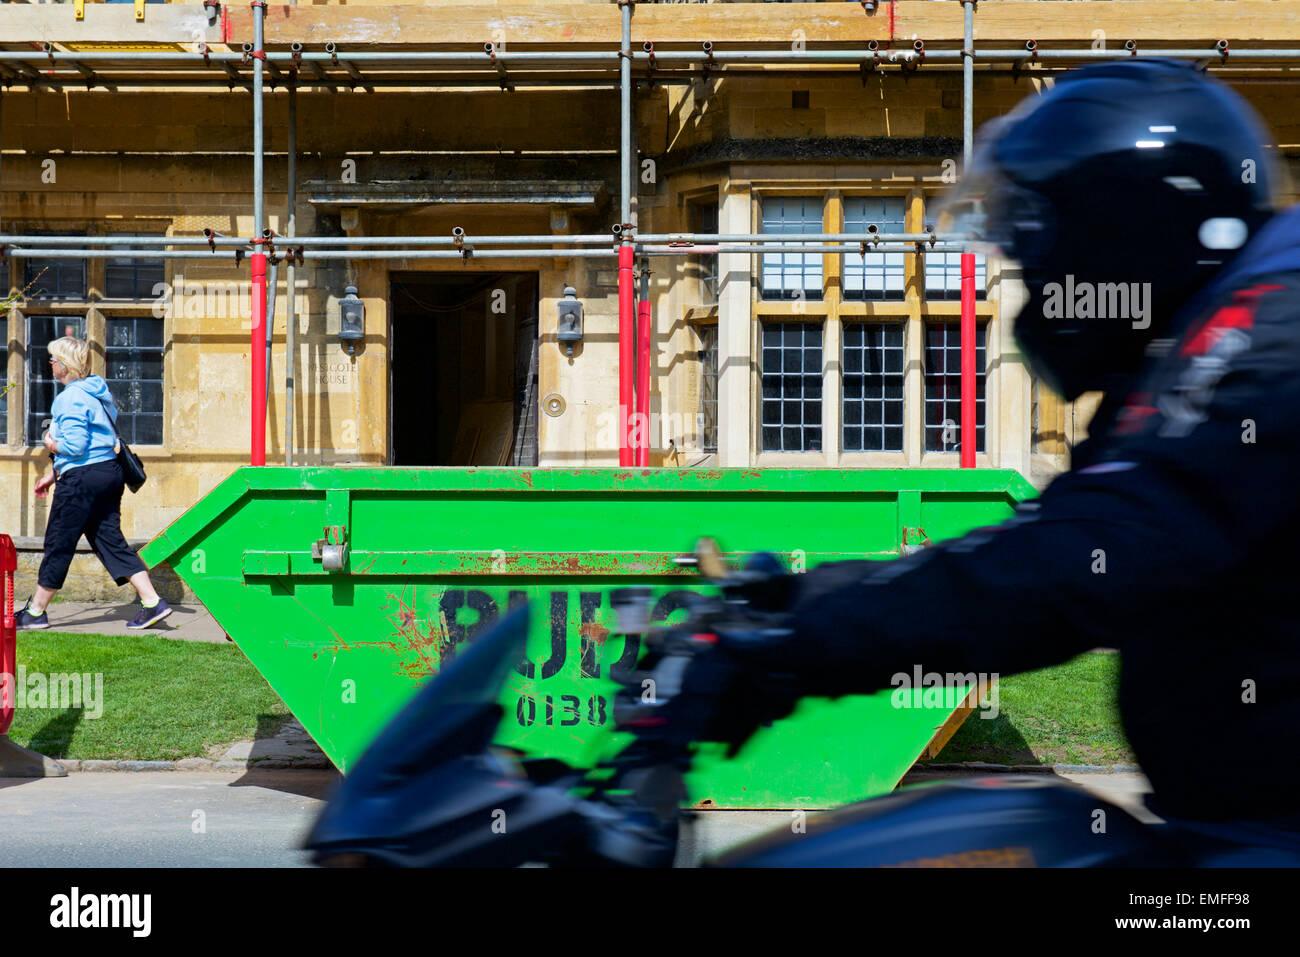 Basura saltar fuera de casa en Chipping Campden, siendo renovado, Gloucestershire, Inglaterra Imagen De Stock